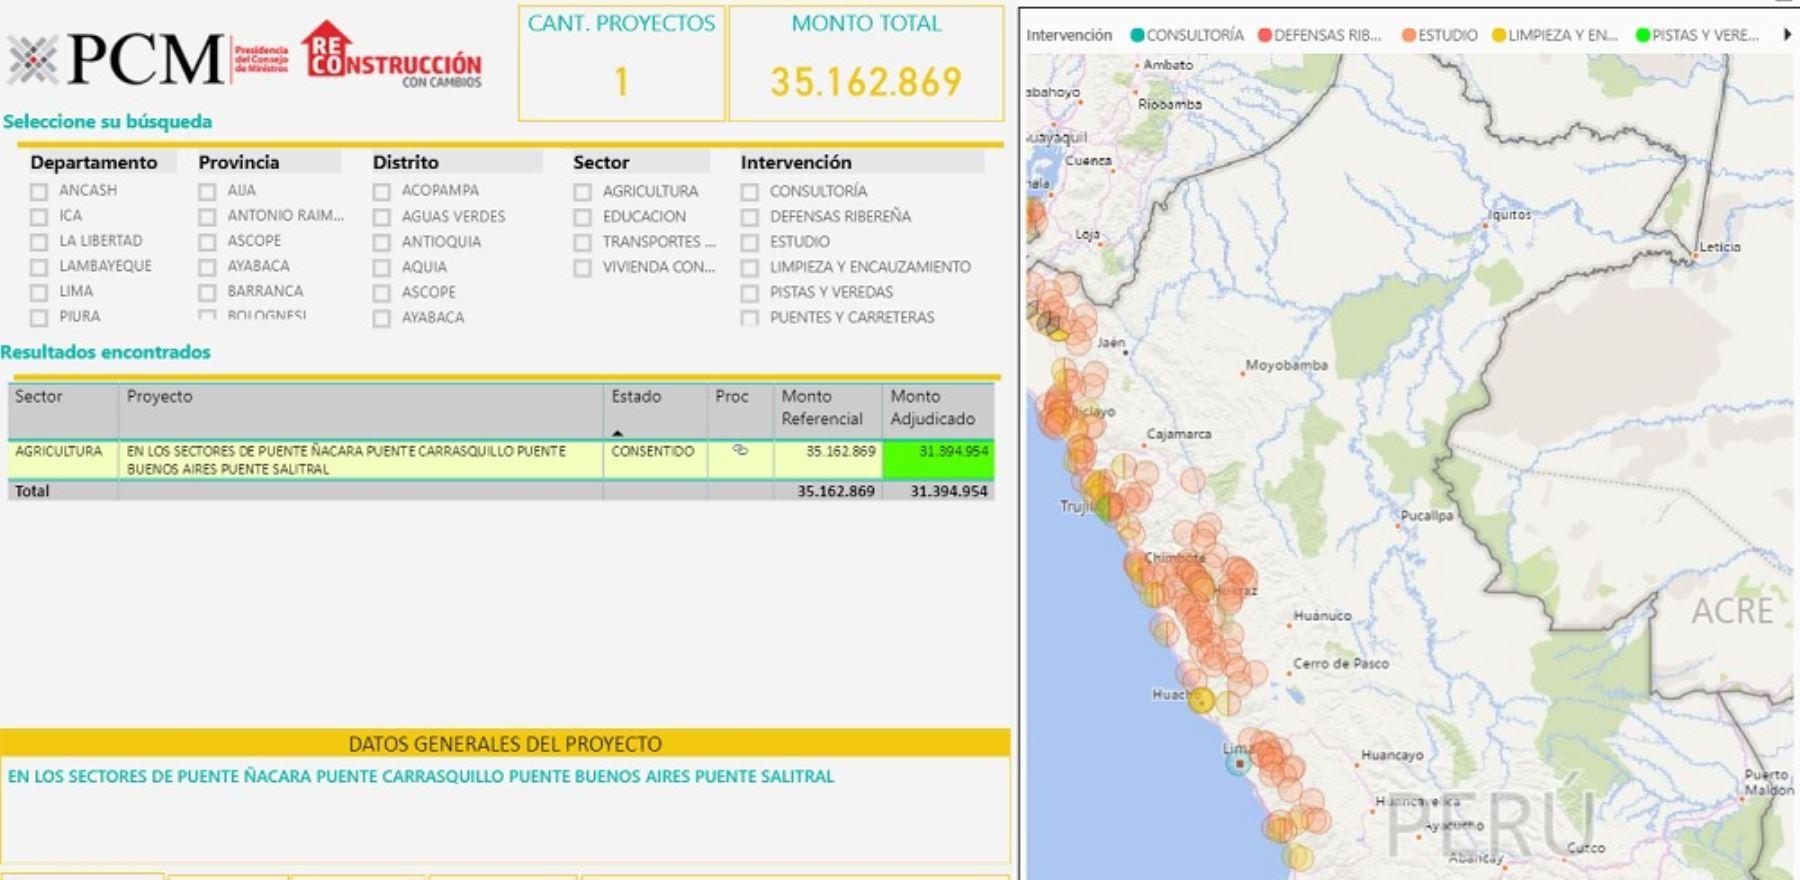 La Autoridad para la Reconstrucción con Cambios (ARCC) implementó en su portal web el Mapa de la Reconstrucción, un aplicativo que permite visualizar el estado actual de las más de 10,000 intervenciones en ejecución, en las regiones afectadas por El Niño Costero.